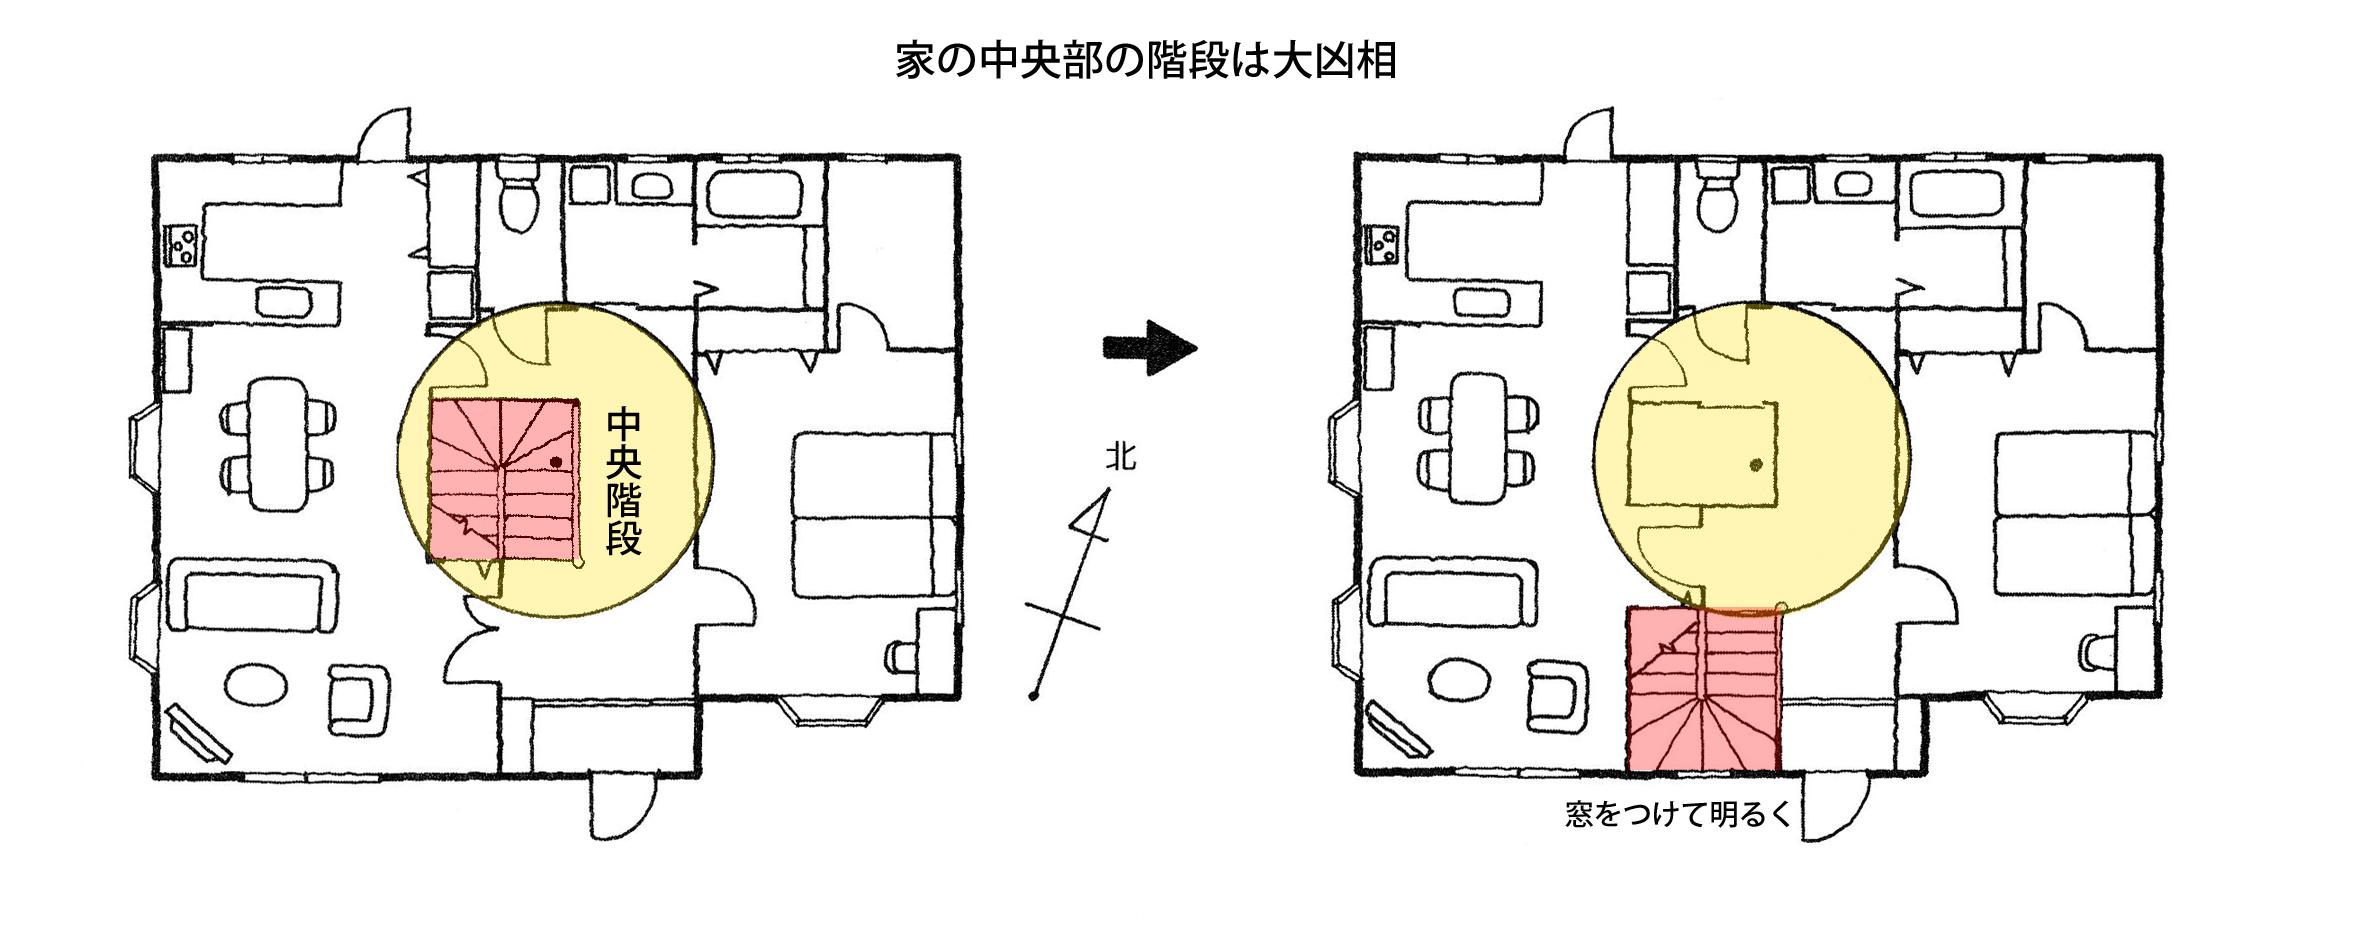 【家相リフォームのススメ―15】家の形編③<br/>家の中央部にある階段は大凶相。